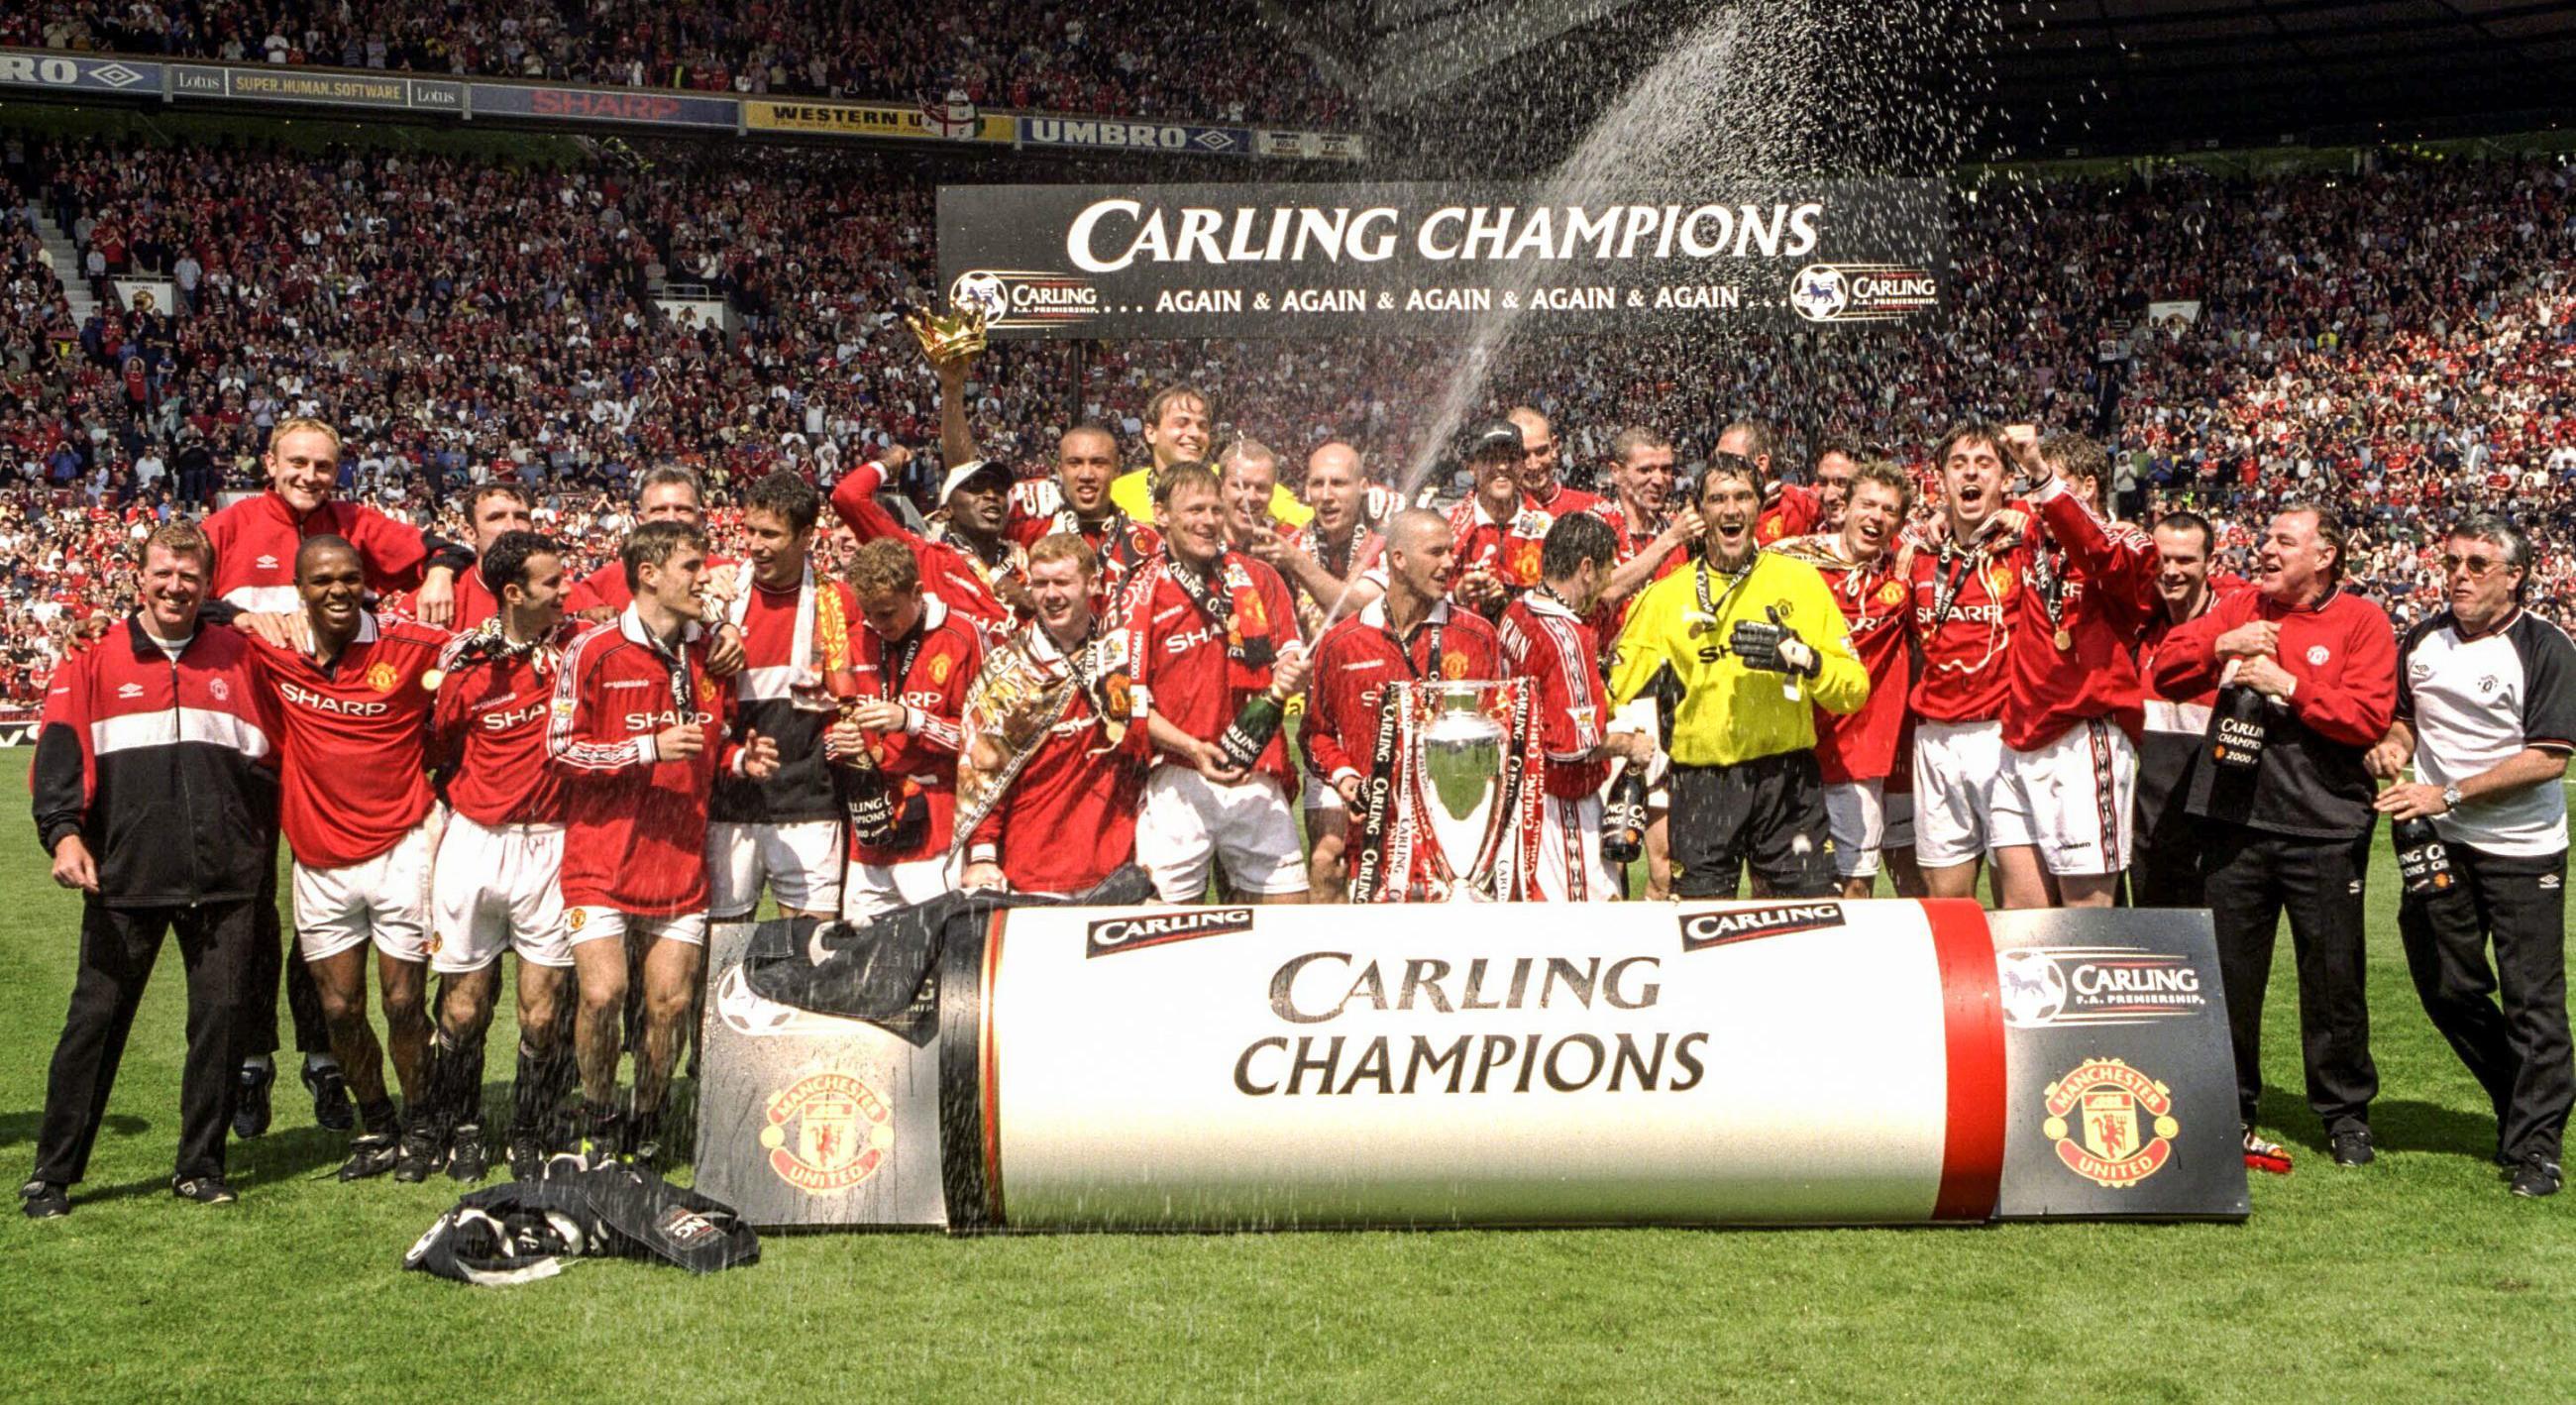 Manchester United Premier League 1999/00